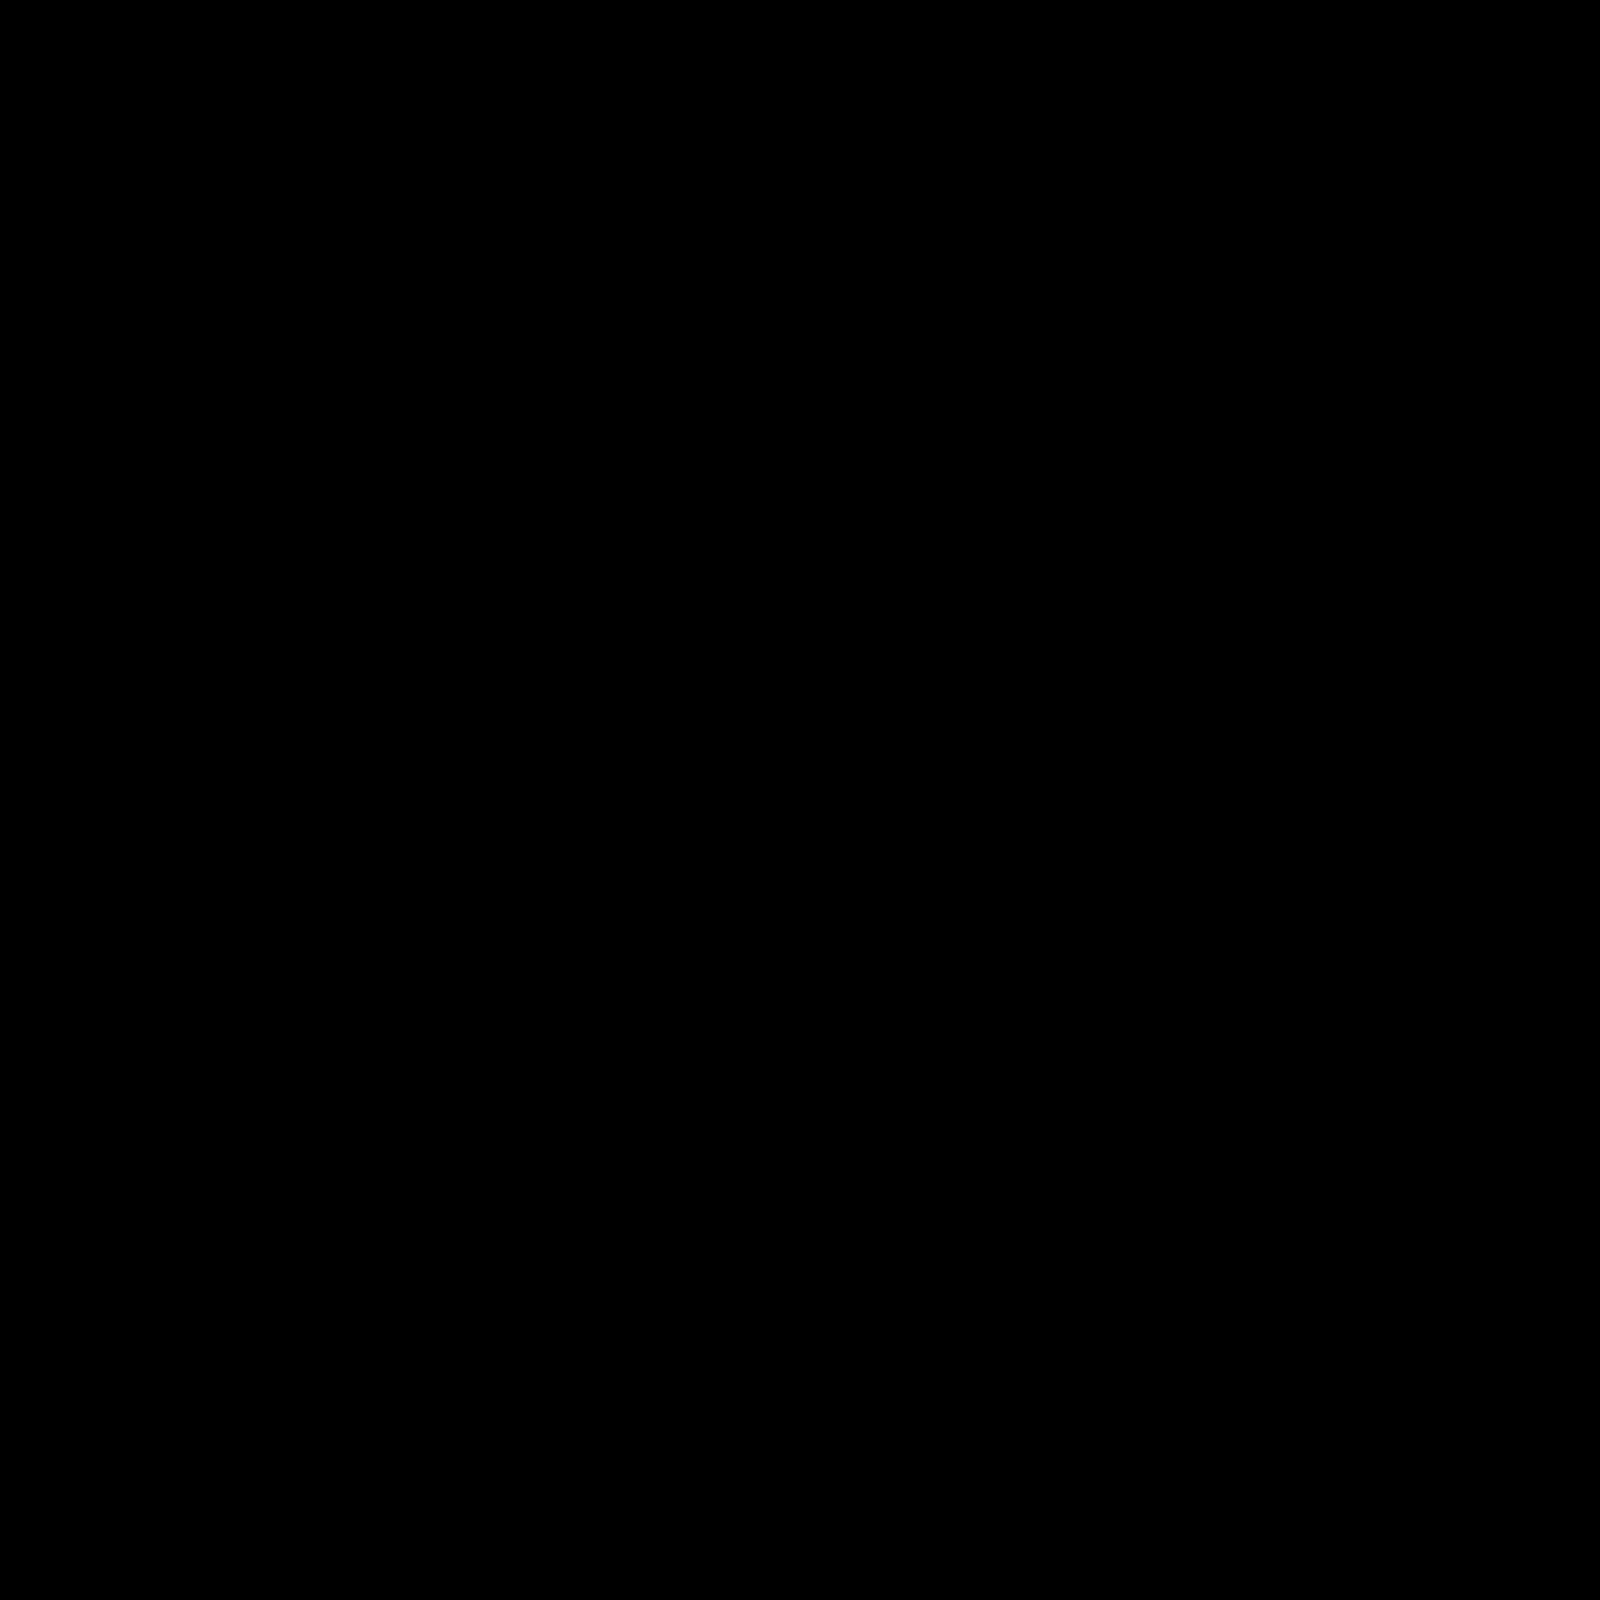 Retângulo suave icon